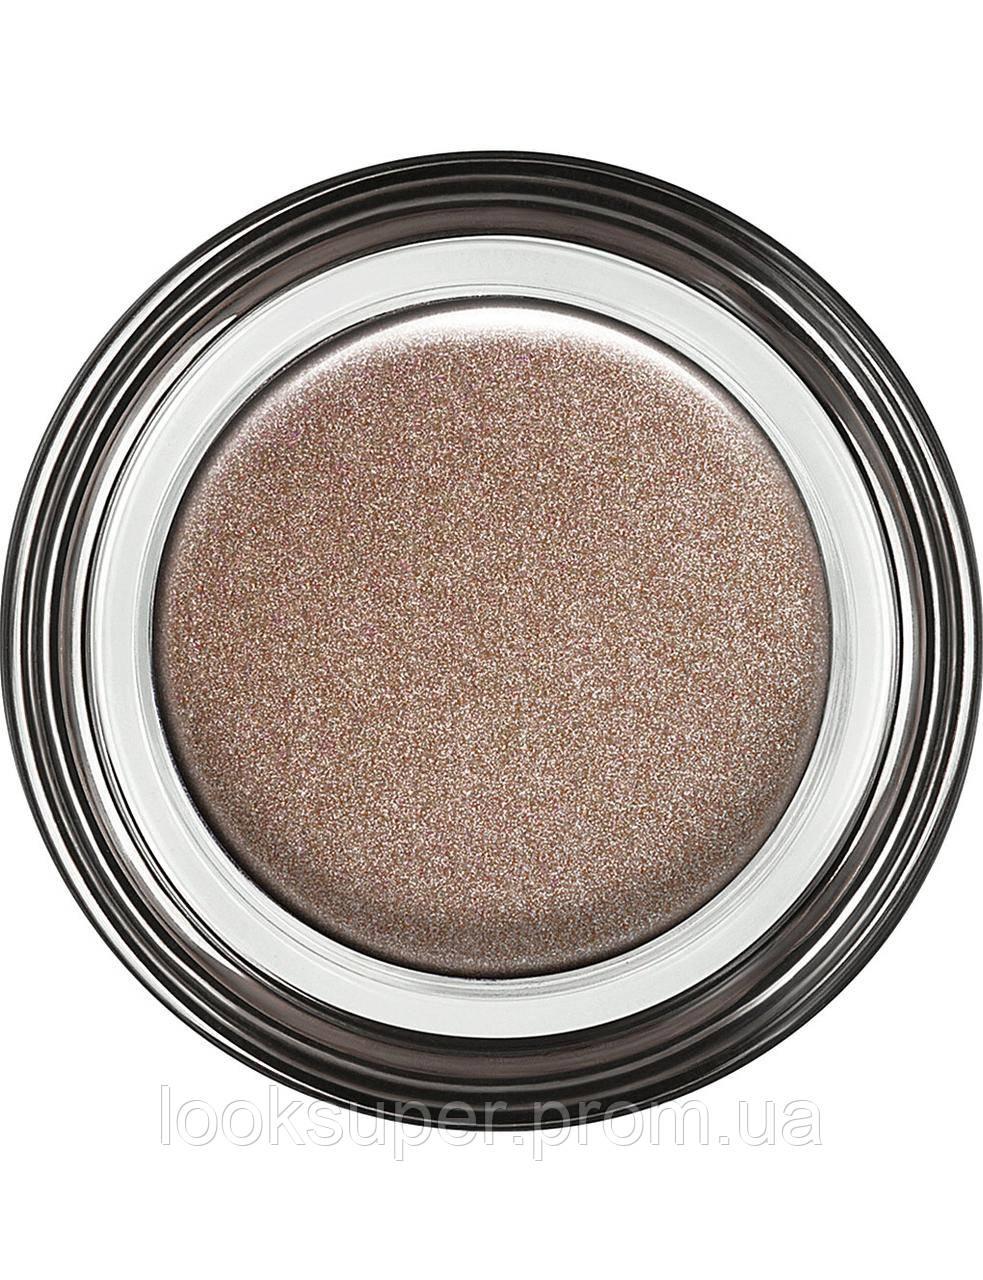 Набор GIORGIO ARMANI Eye & Brow Maestro Light brown